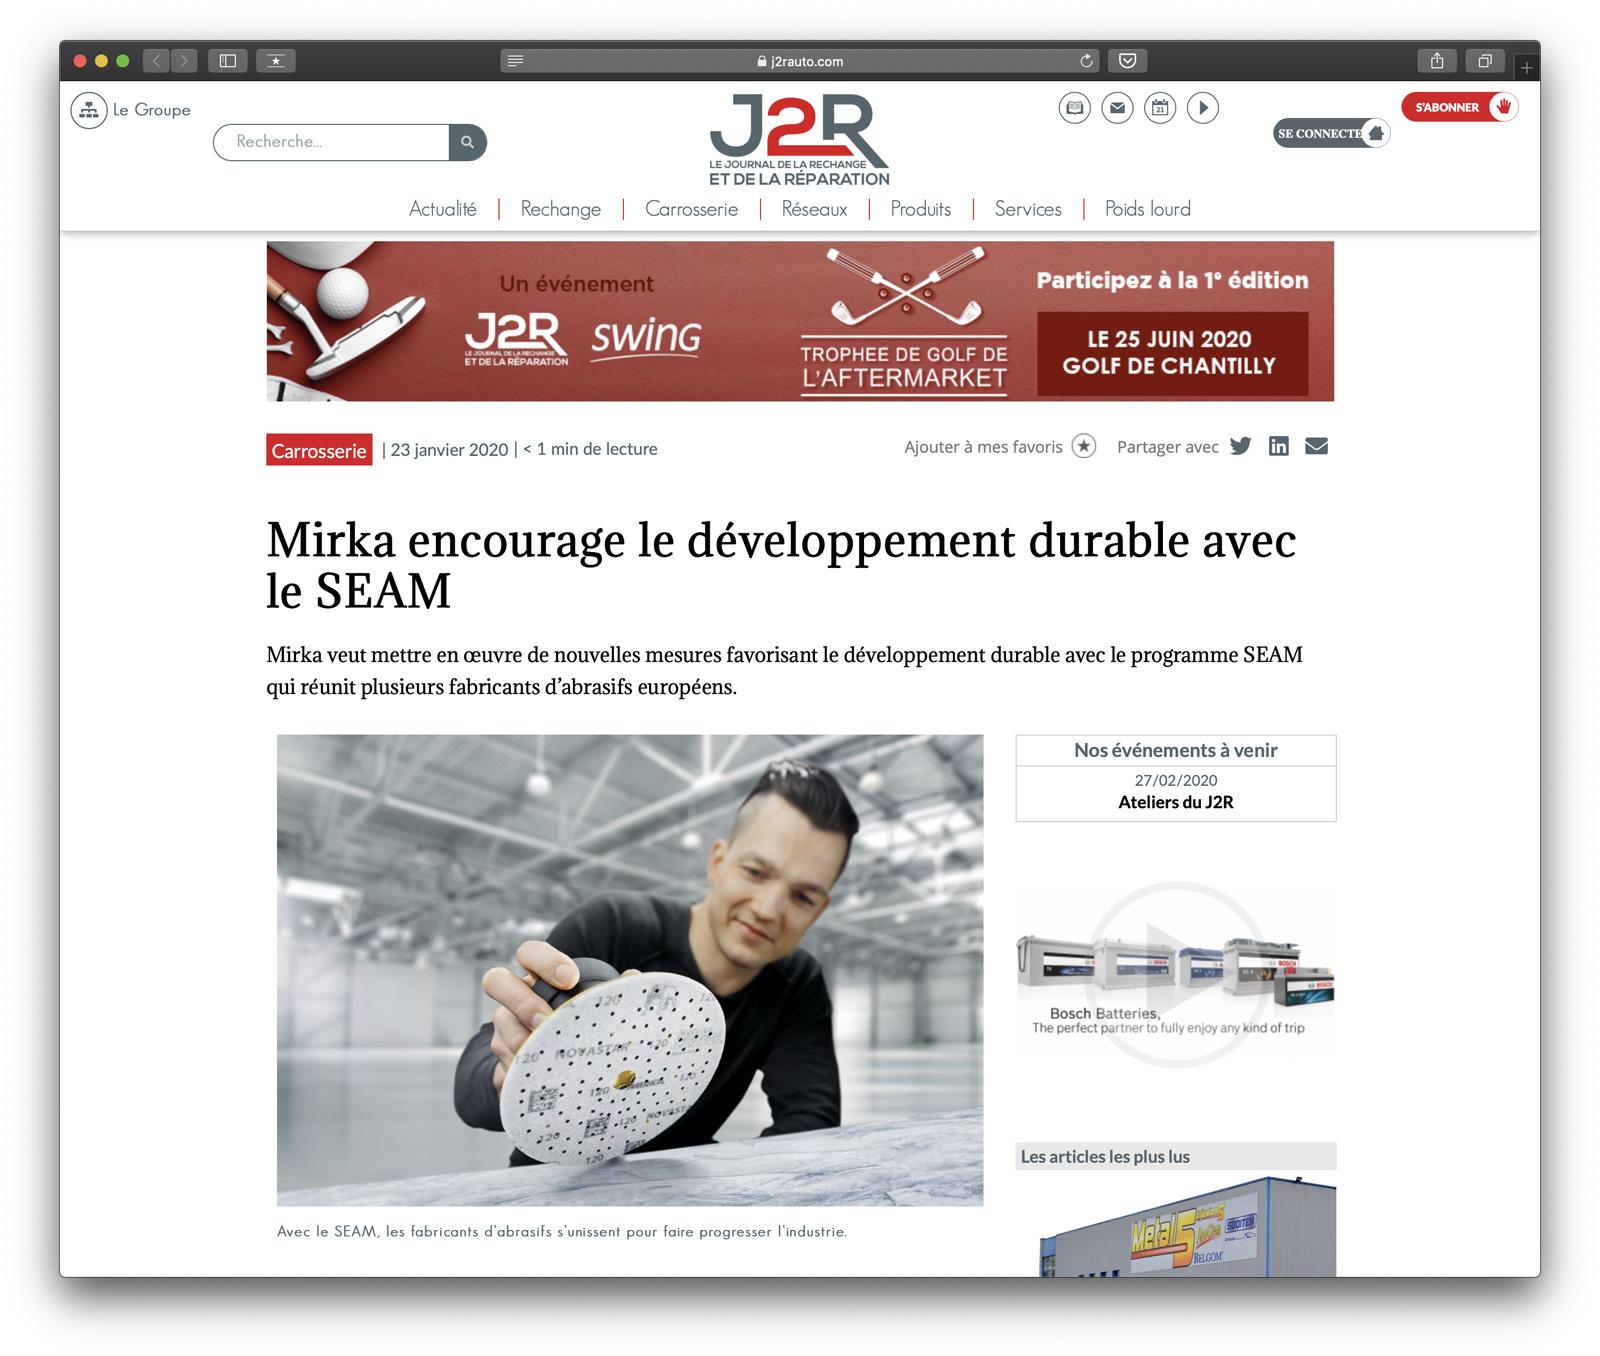 Mirka encourage le développement durable avec le SEAM